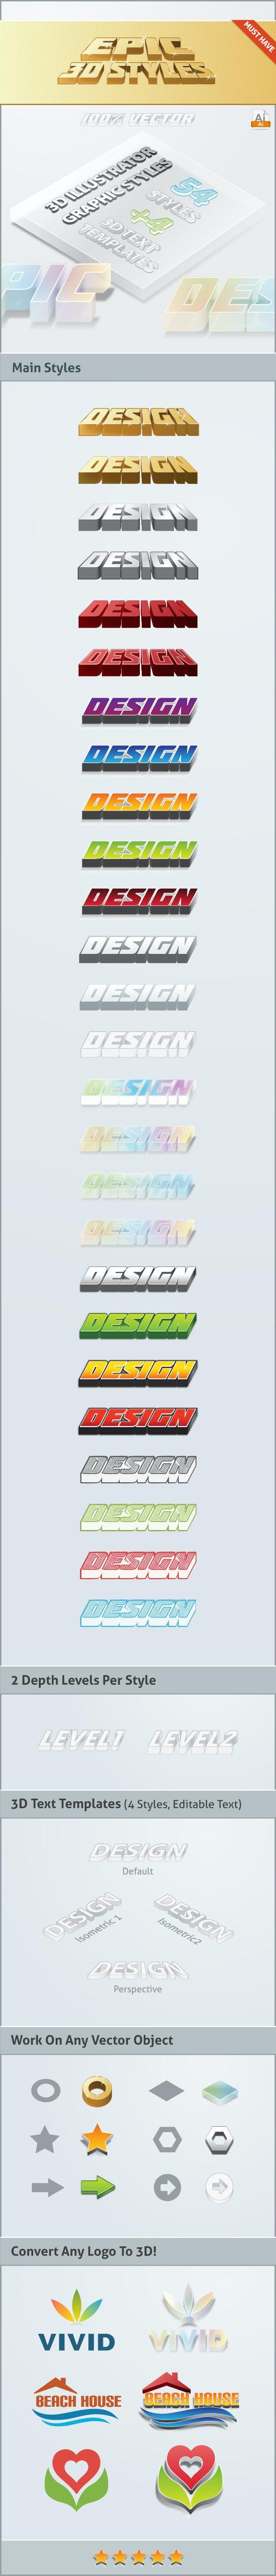 Epic 3D Styles - Illustrator - Styles Illustrator